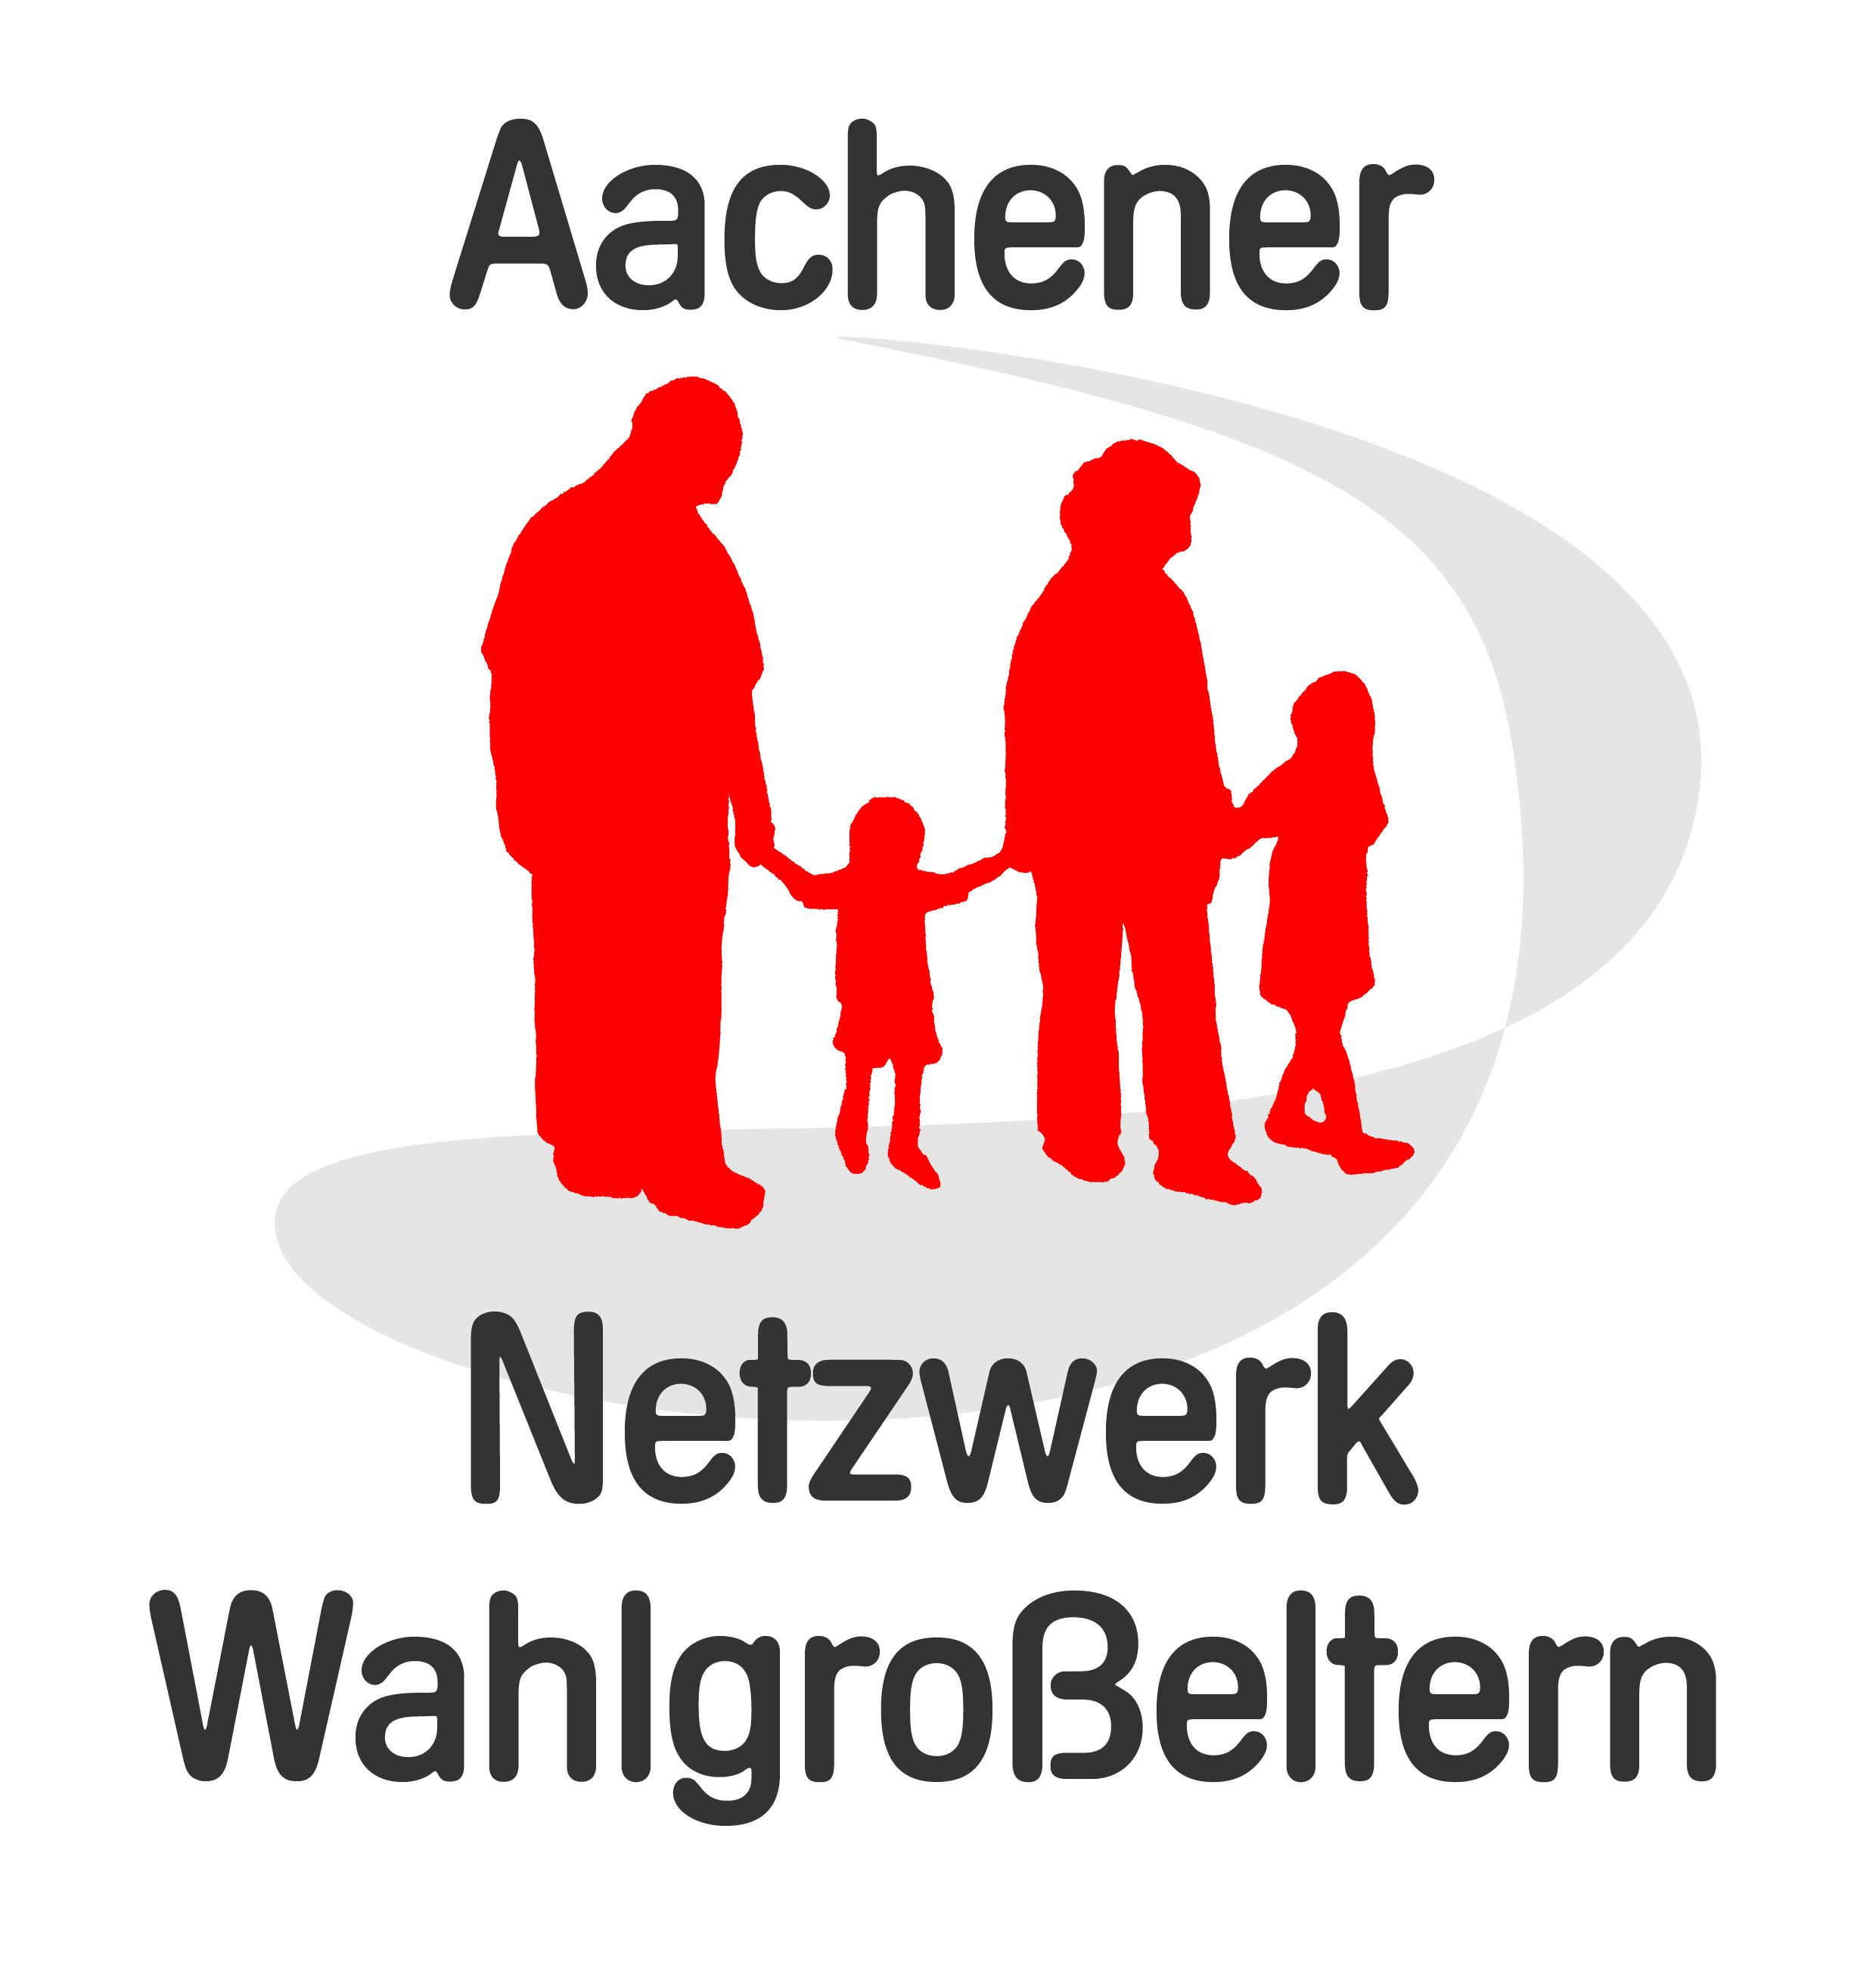 Wahlgroßeltern - DRK KV Städteregion Aachen e.V.